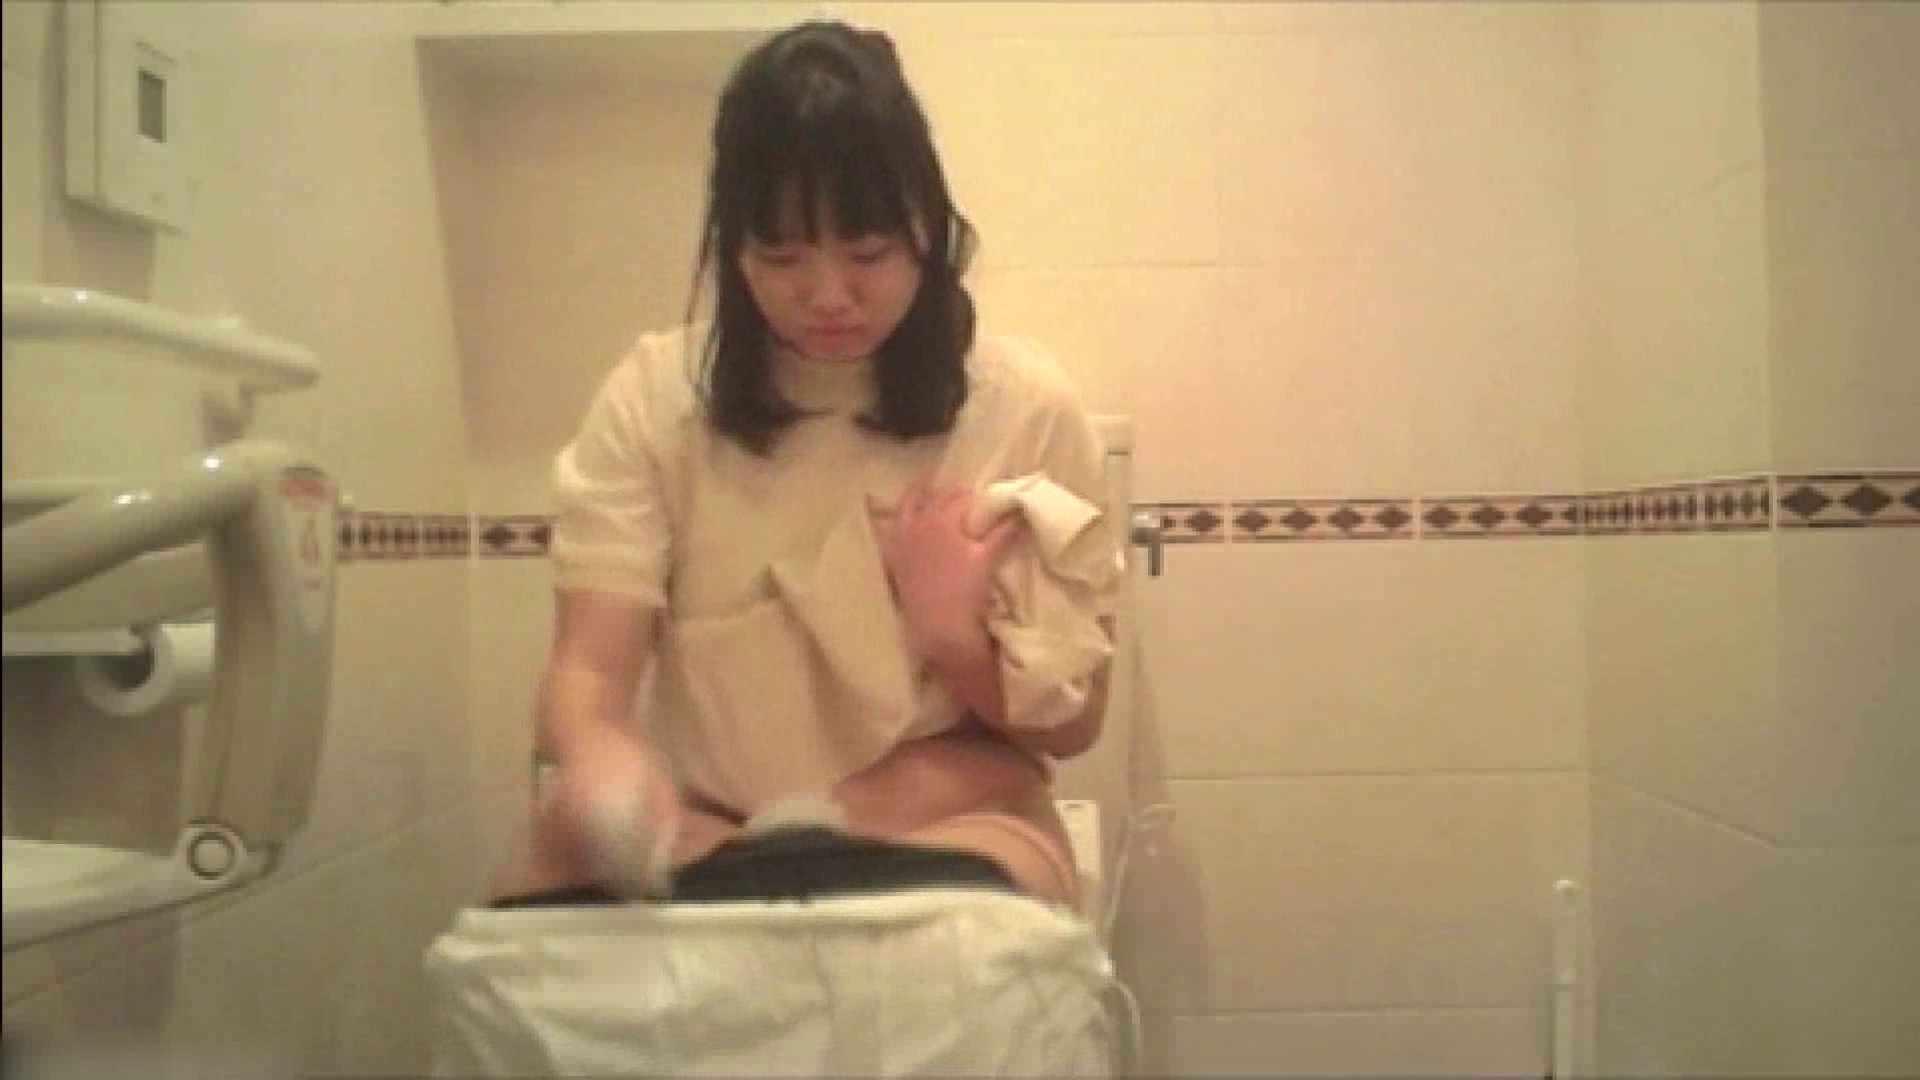 実録!!綺麗なお姉さんのトイレ事情・・・。vol.18 OLの実態  70pic 3